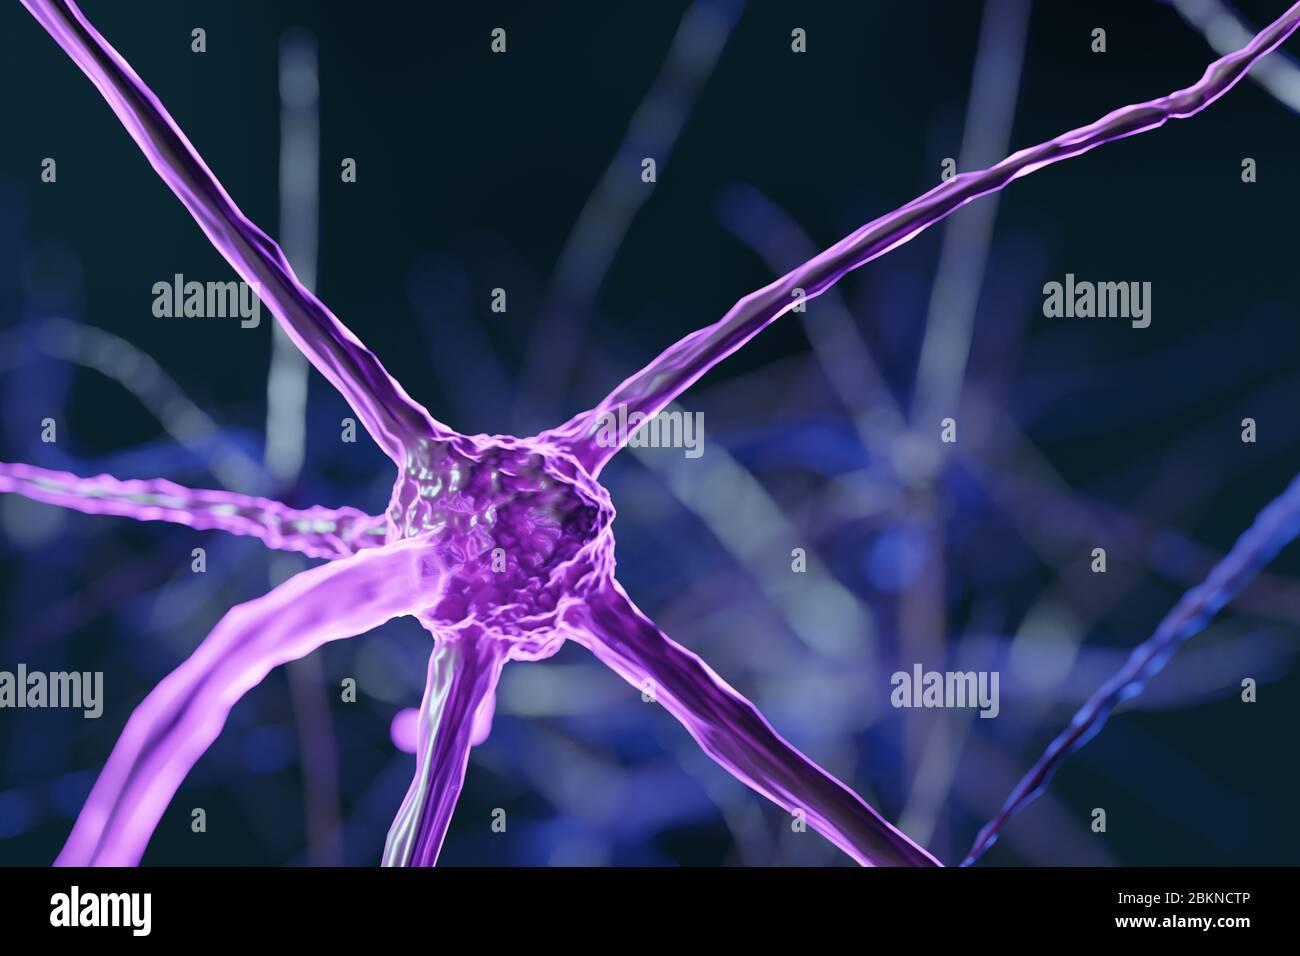 Cellules abstraites de neurones cérébraux avec nœuds de liaison. Les cellules Synapse et neurone envoient des signaux chimiques électriques. Neurones interconnectés avec des composants électriques Banque D'Images